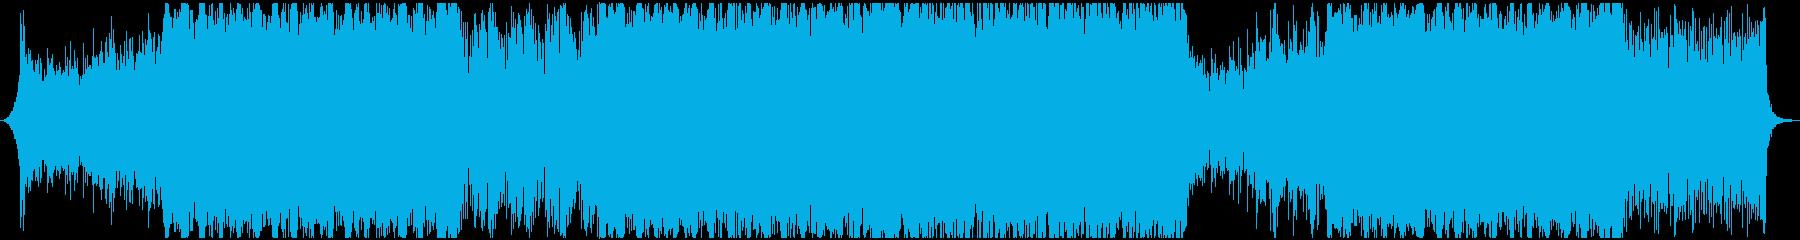 戦闘 シネマティックなロックサウンドの再生済みの波形